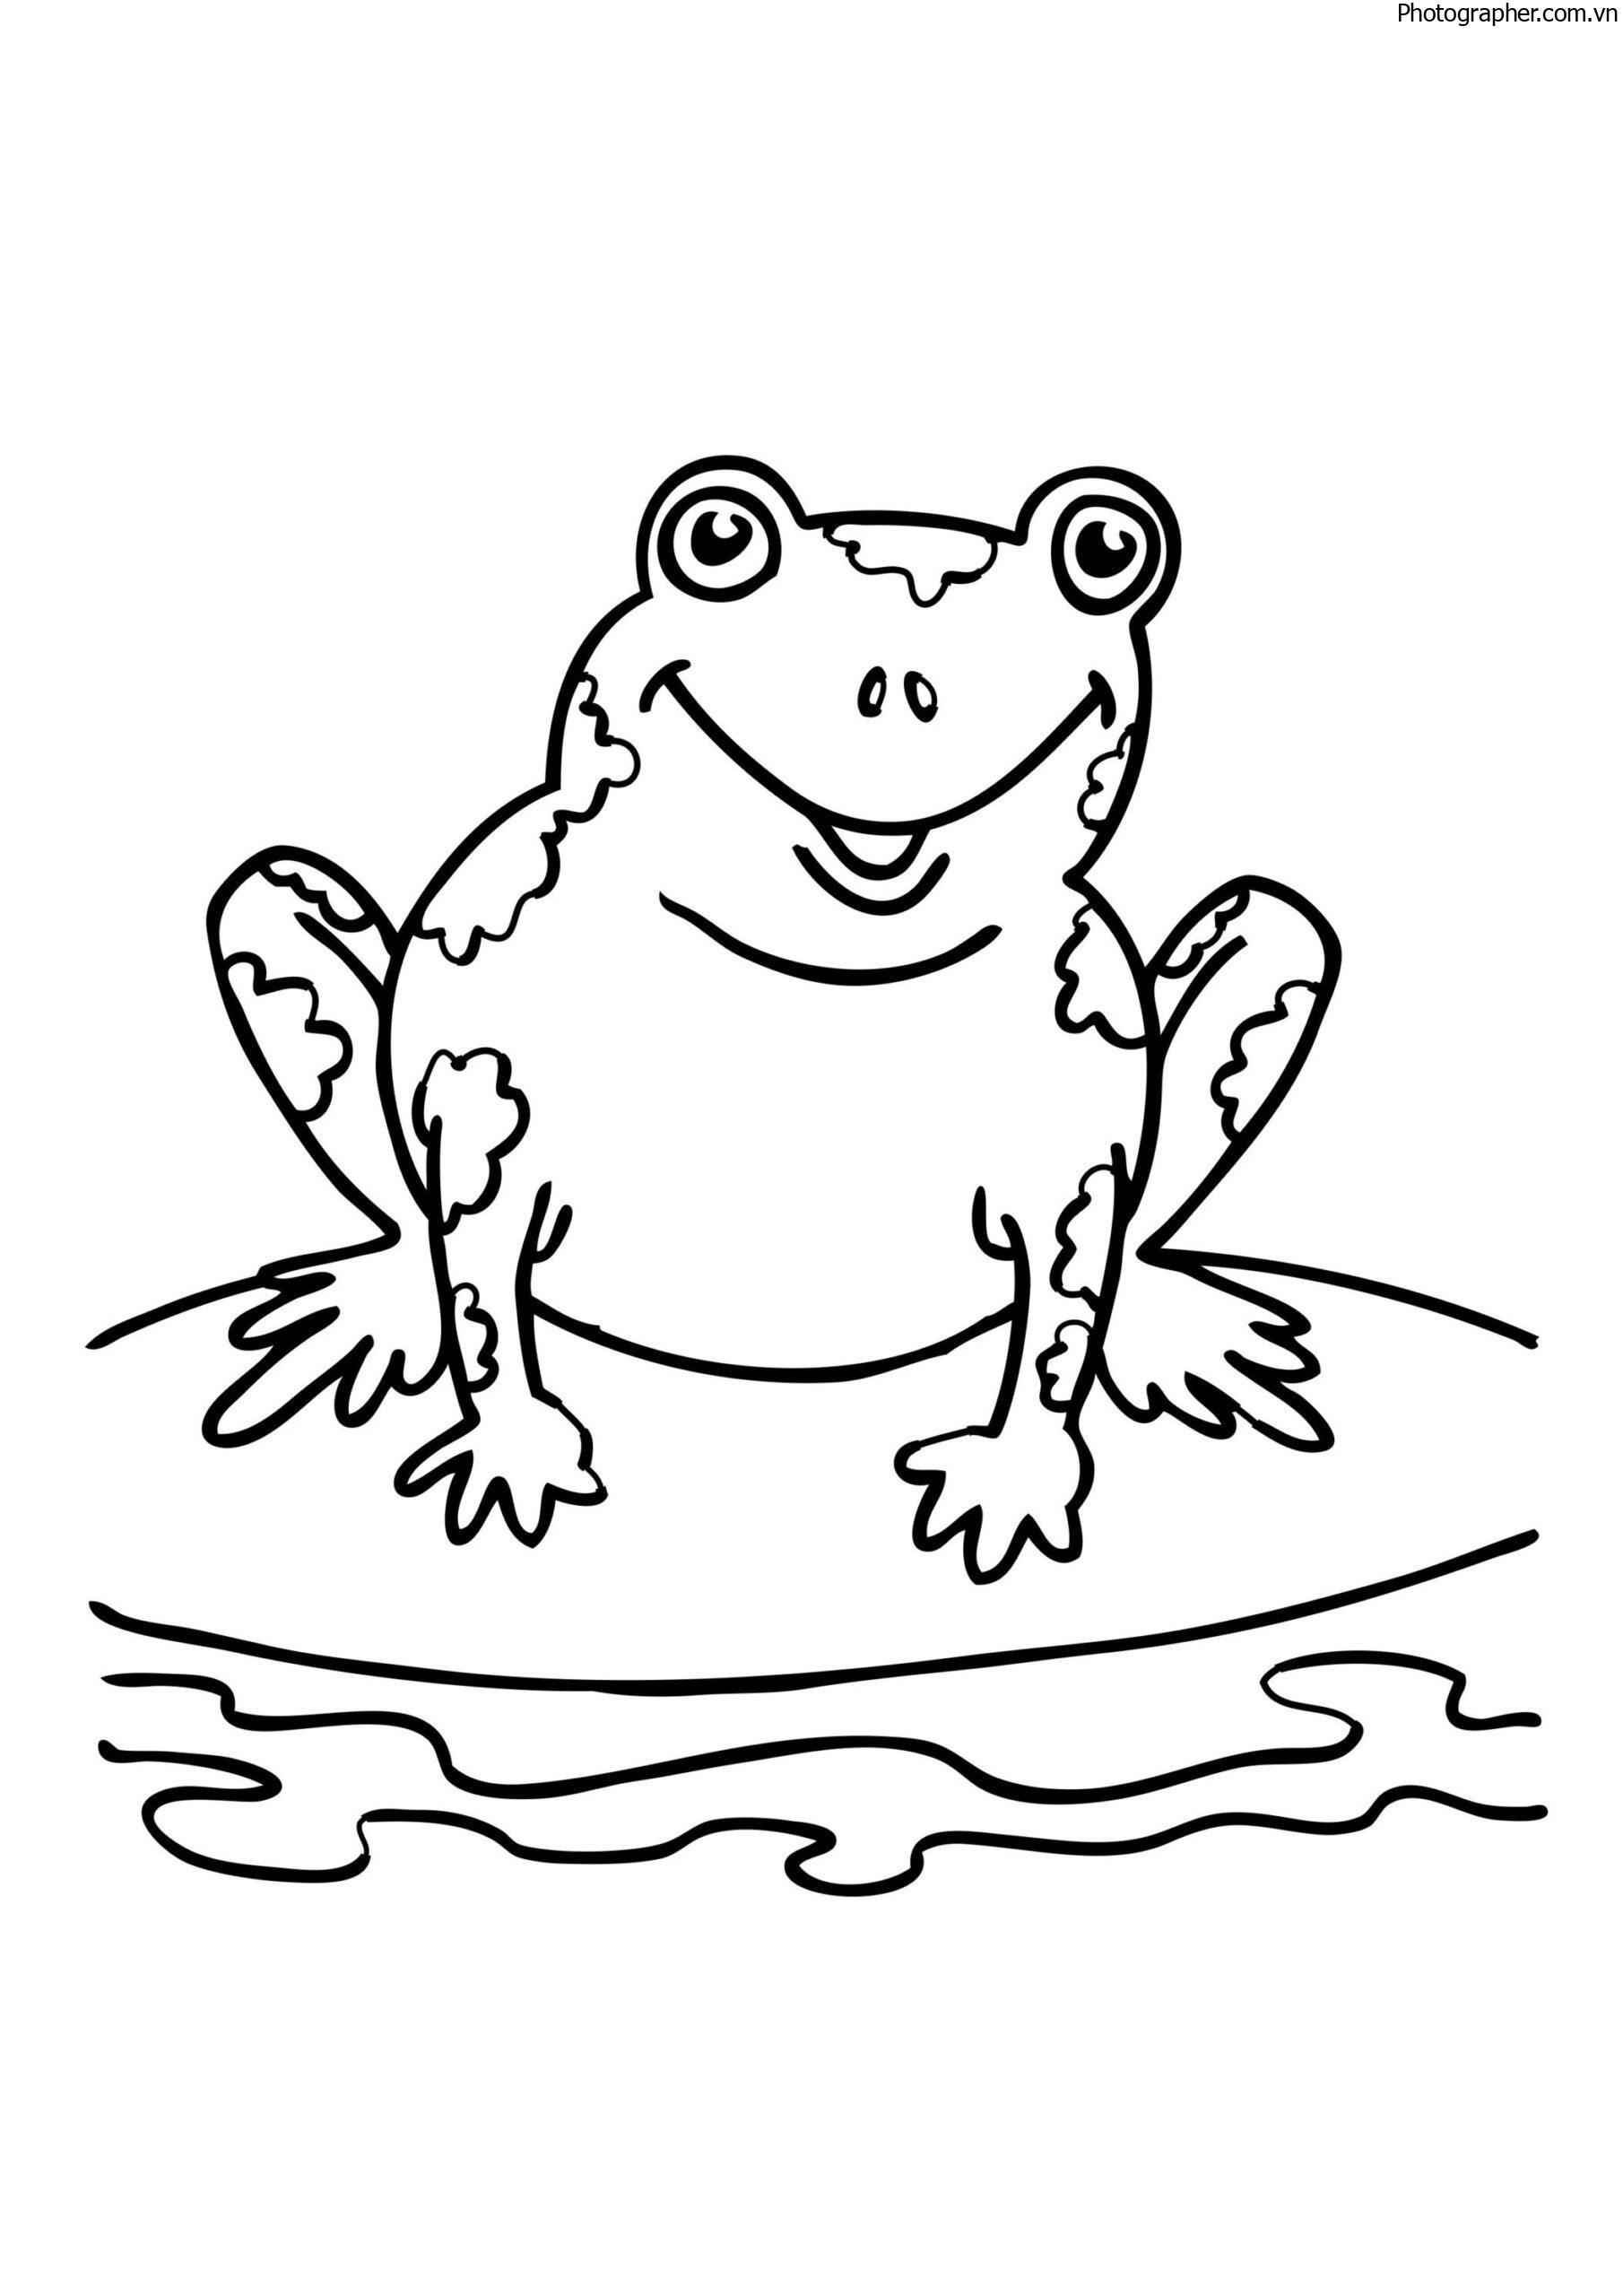 Tổng hợp các bức tranh tô màu con ếch đẹp nhất cho bé